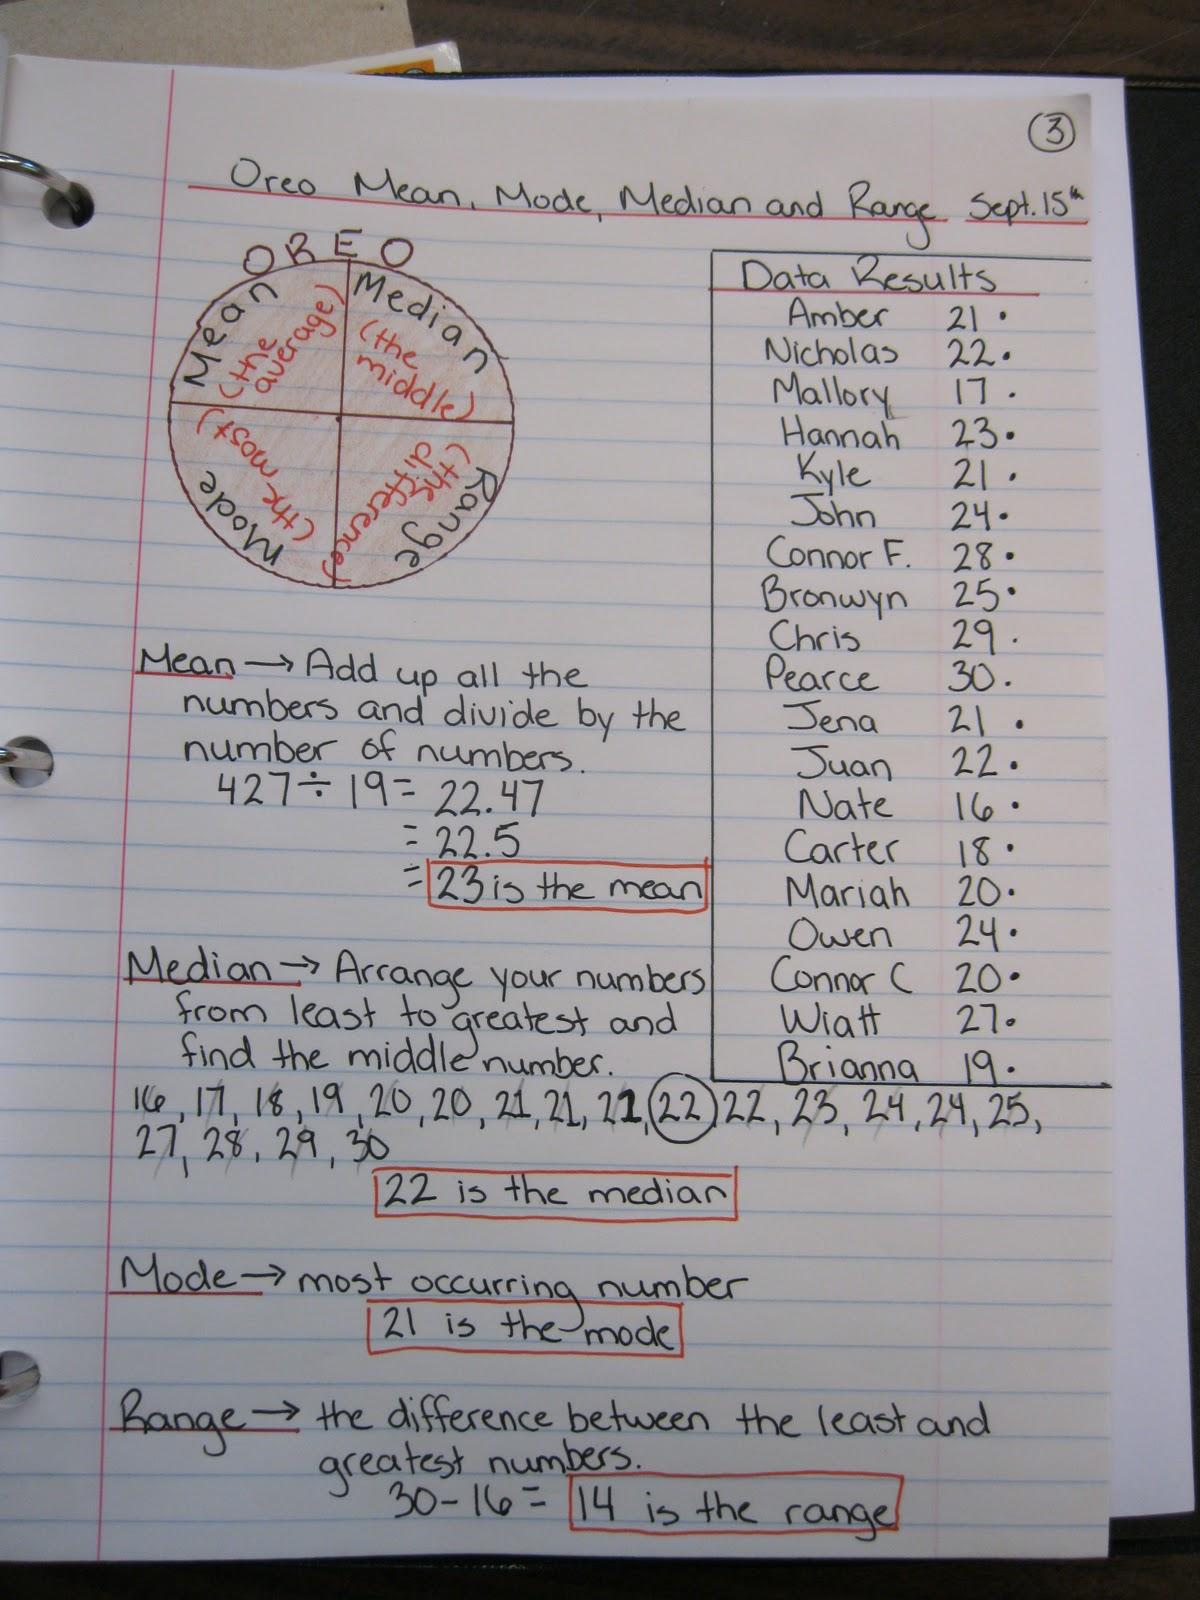 Runde S Room Math Journals